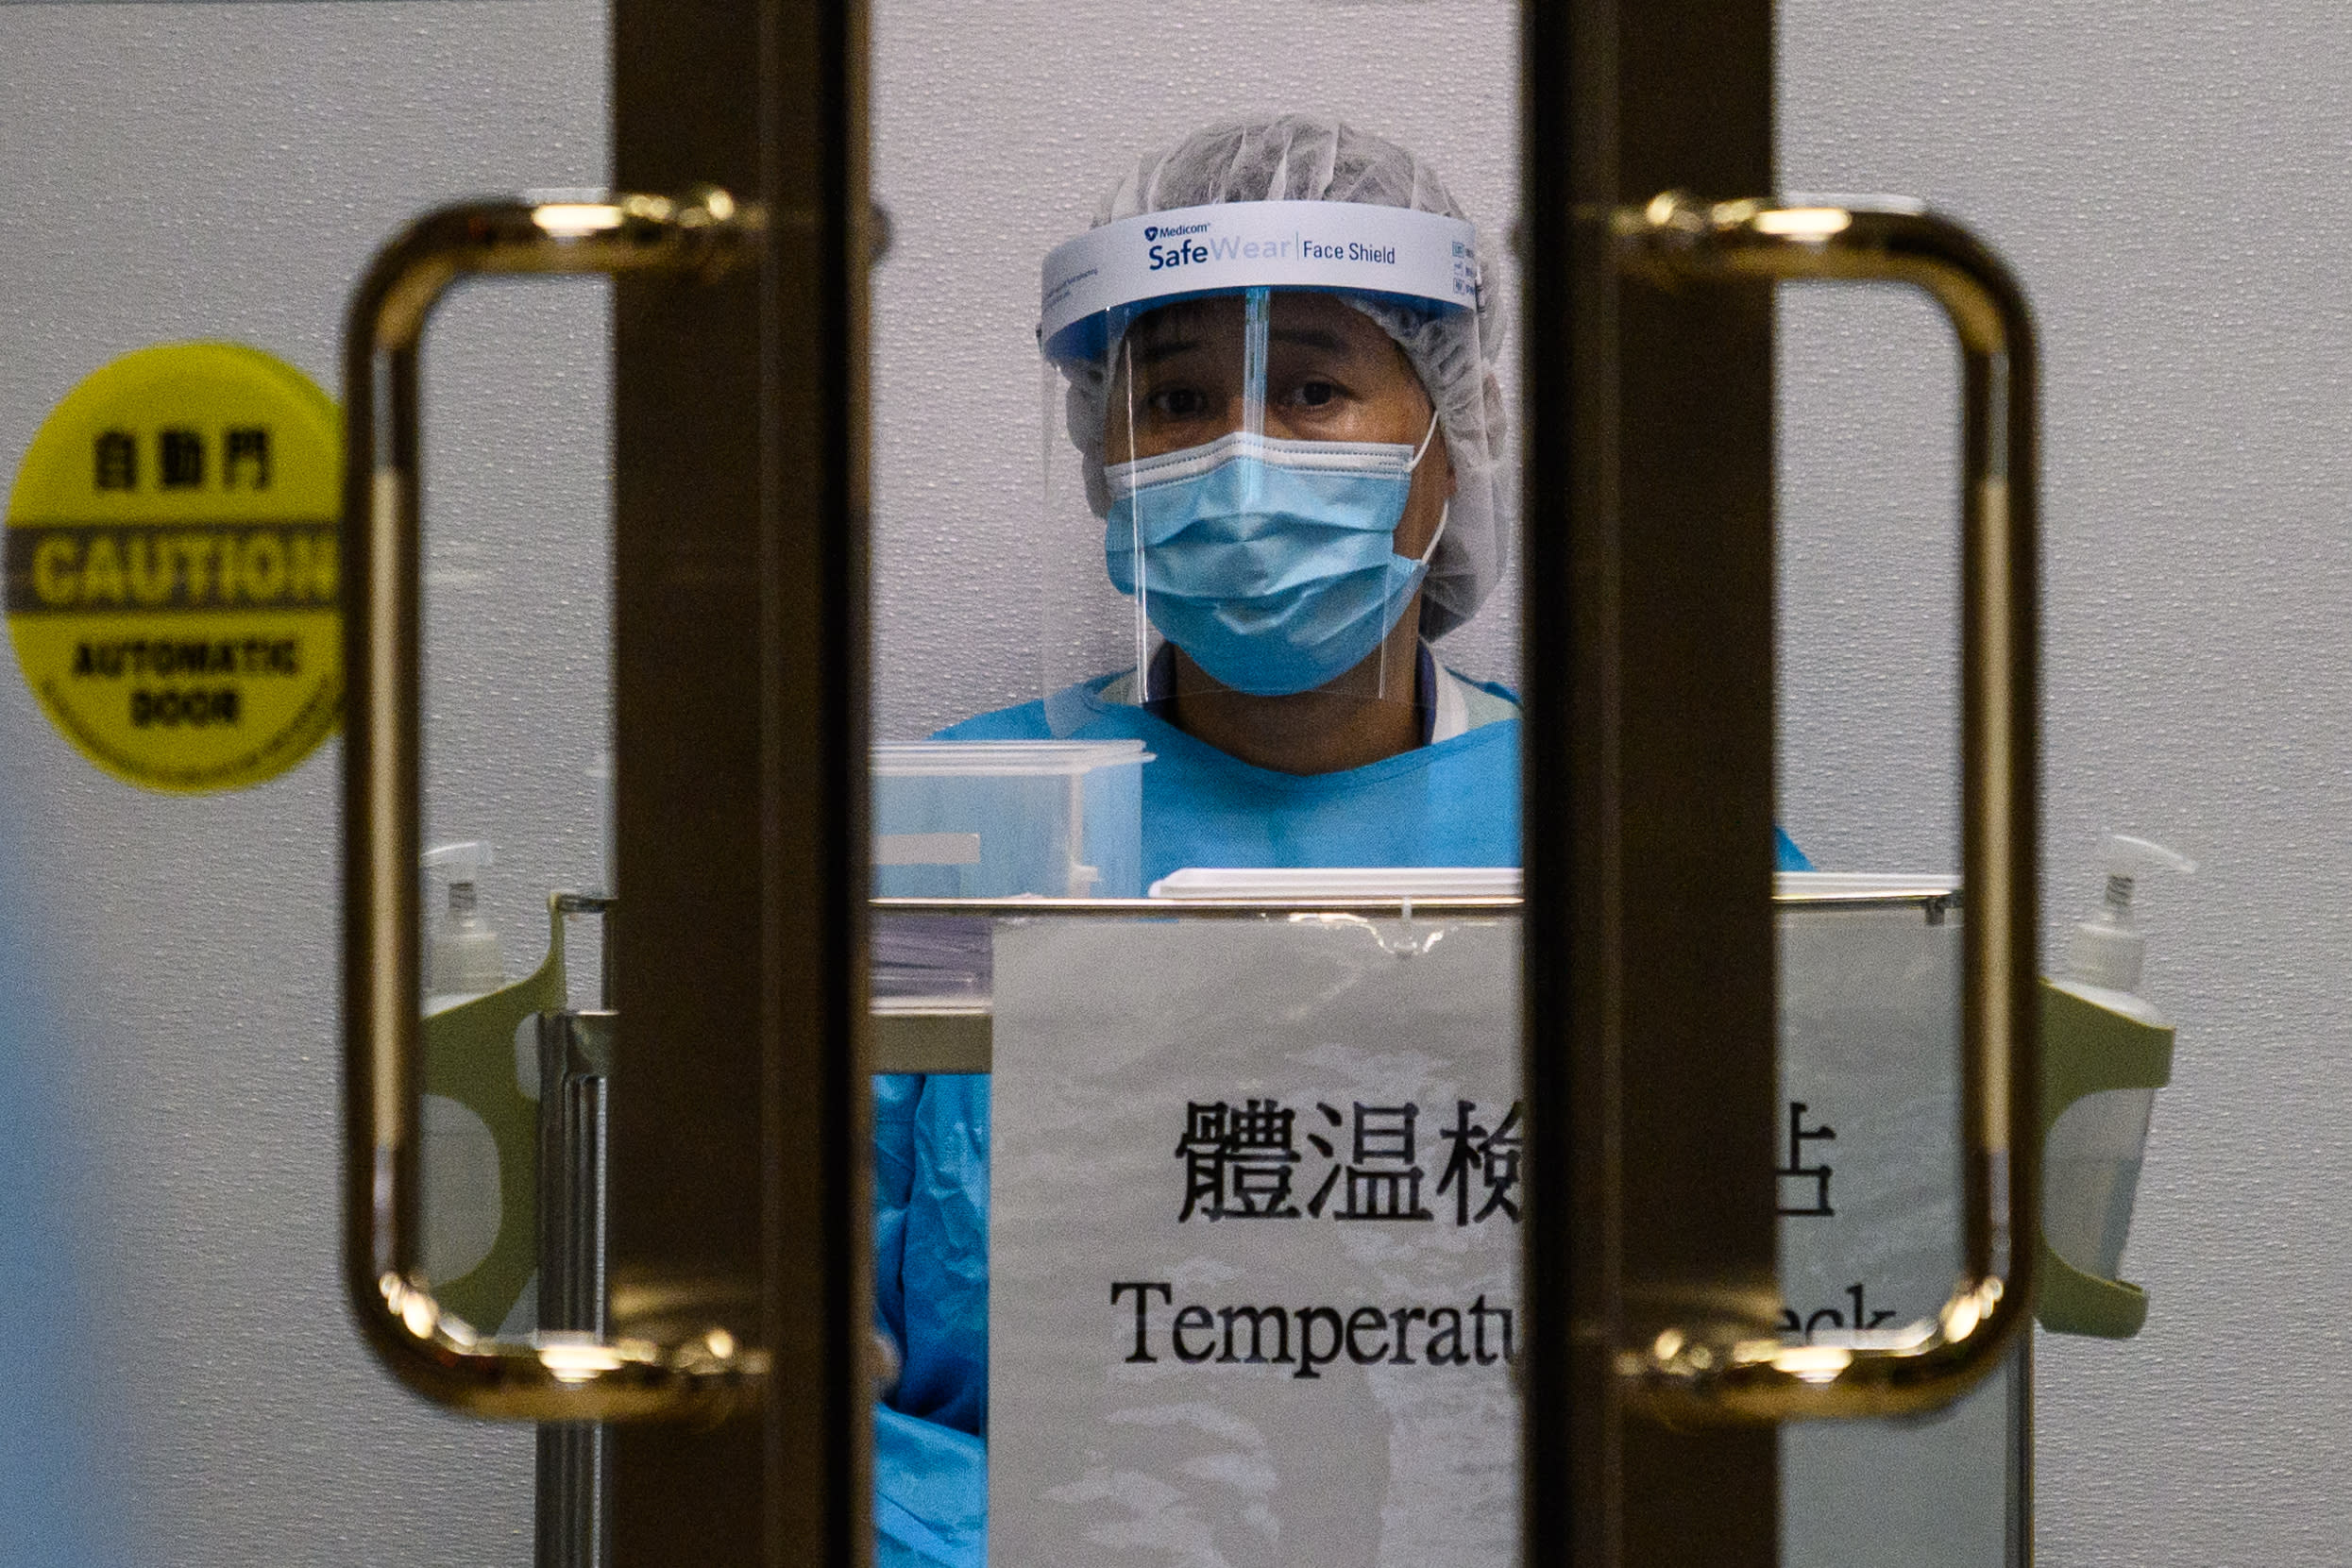 【疫情追蹤】隔離病床告急,確診者留家未送院,社區感染風險增|Yahoo早報